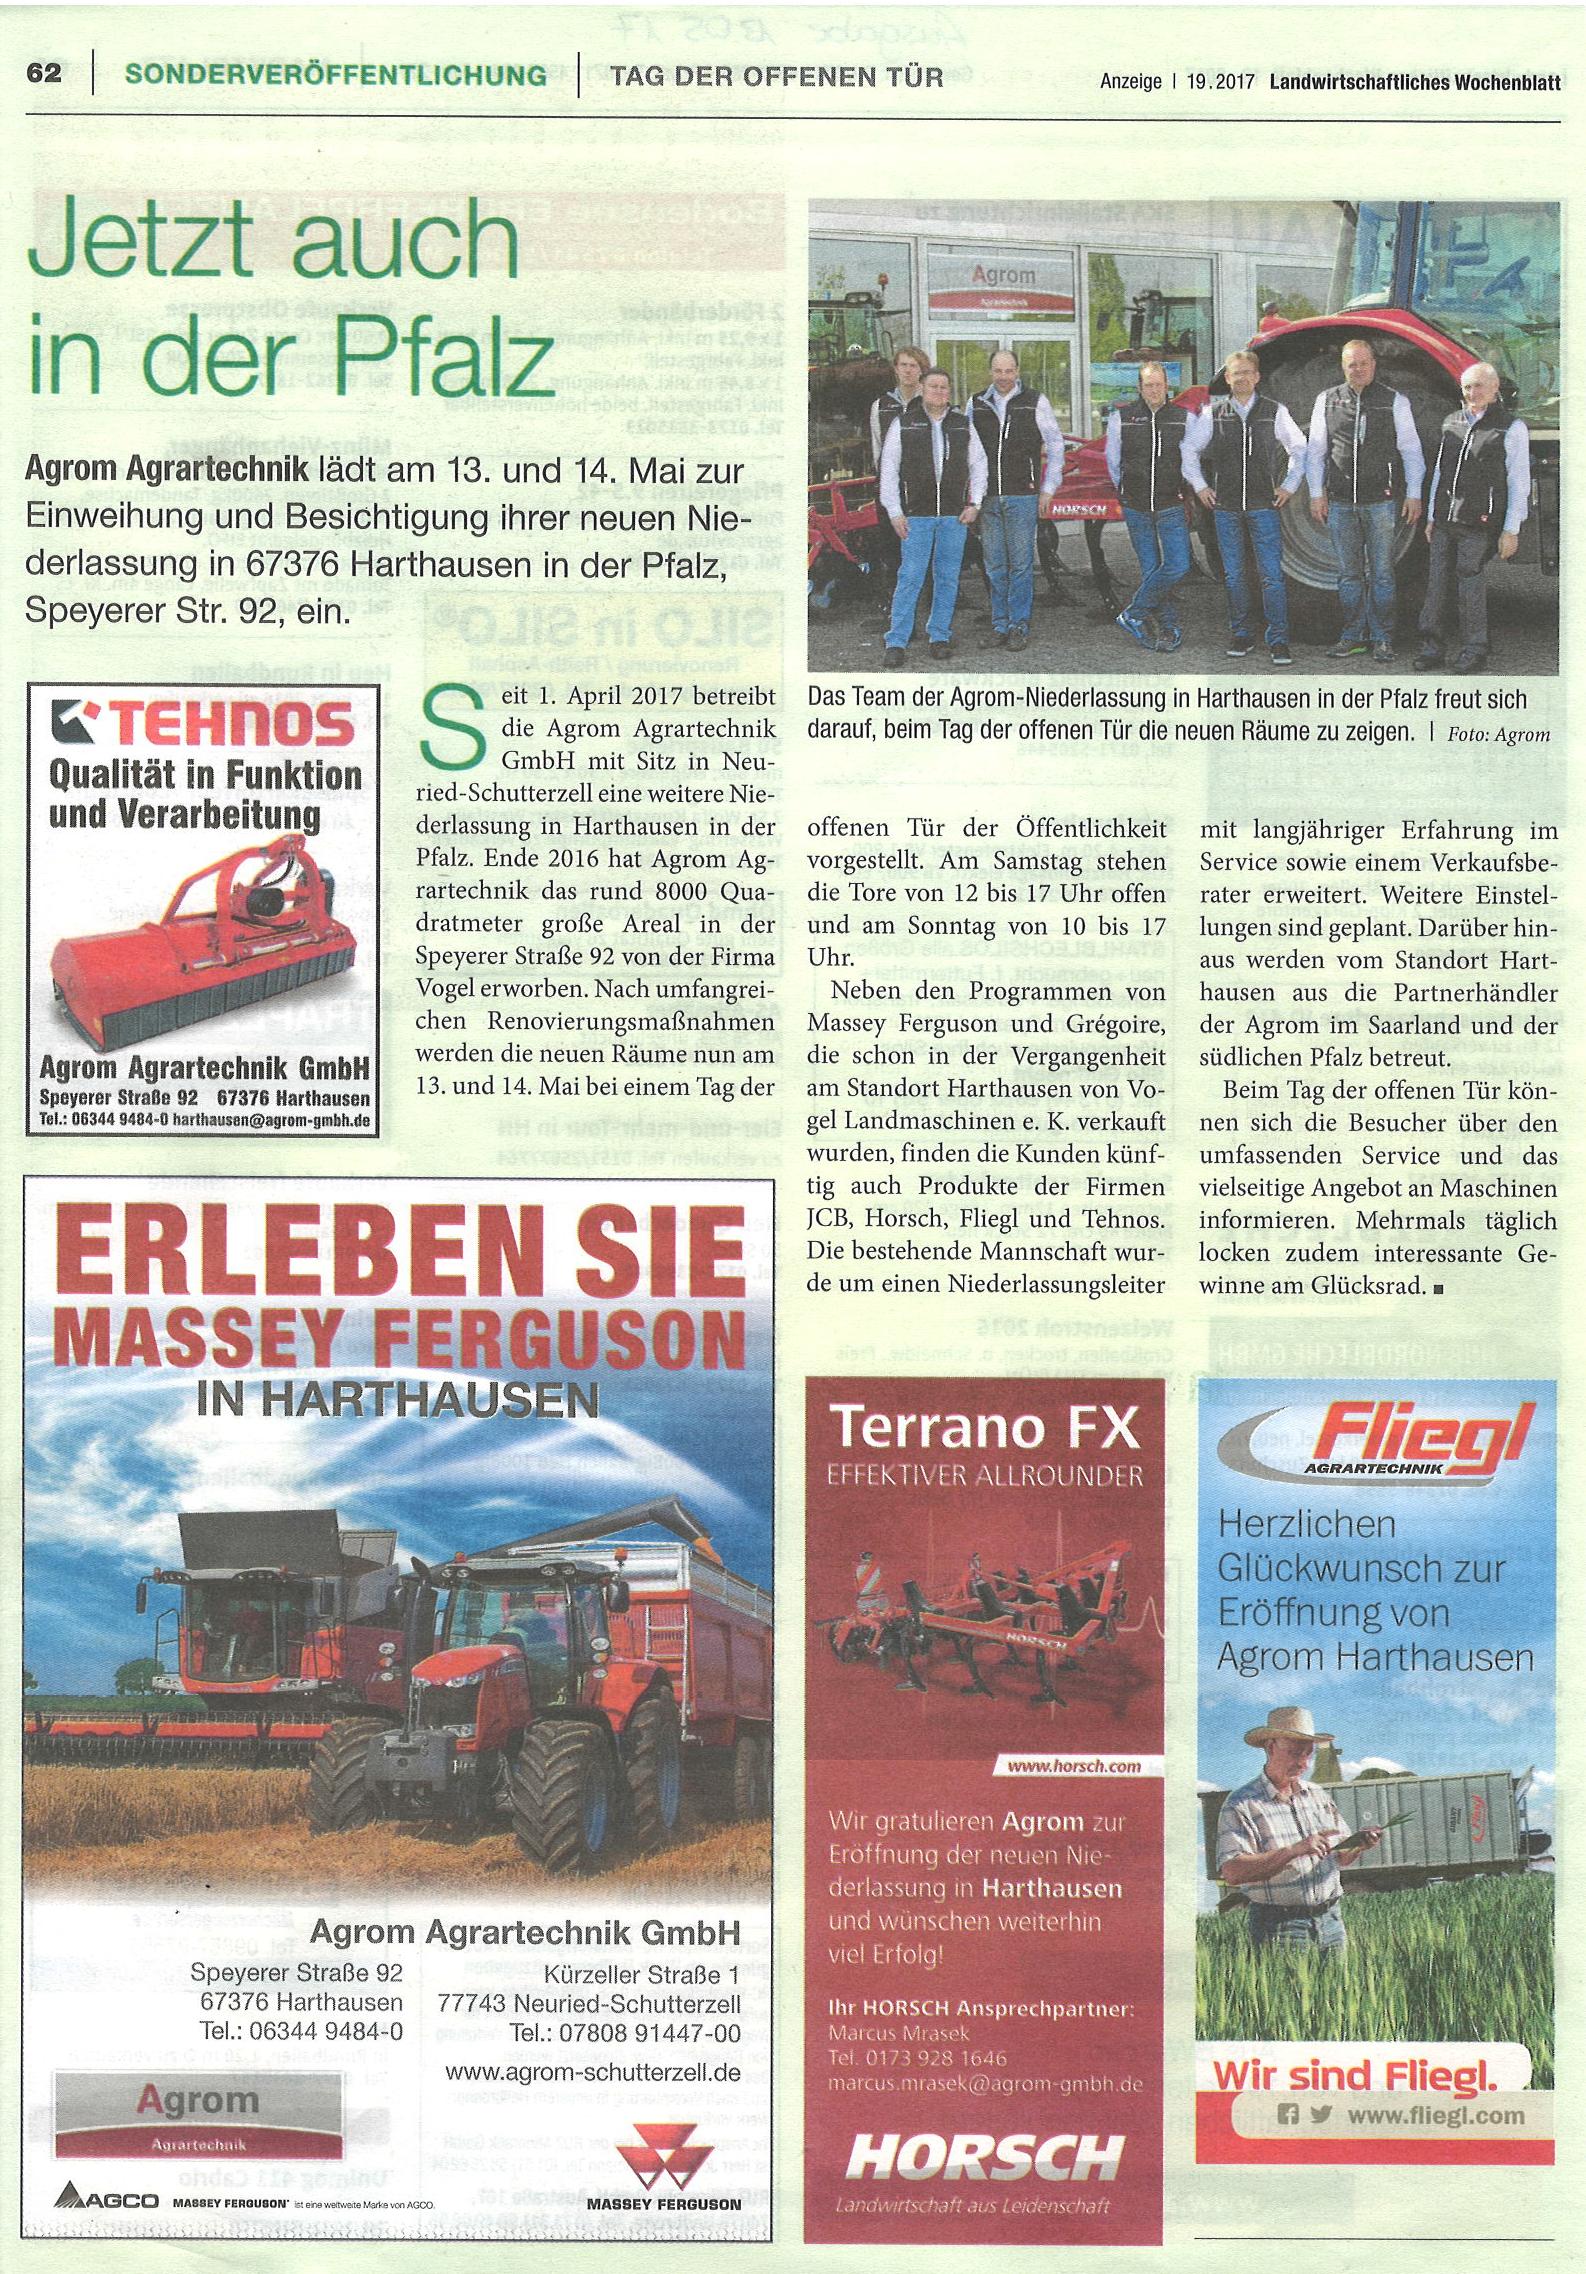 Neueröffnung Harthausen am 13. und 14. Mai 2017